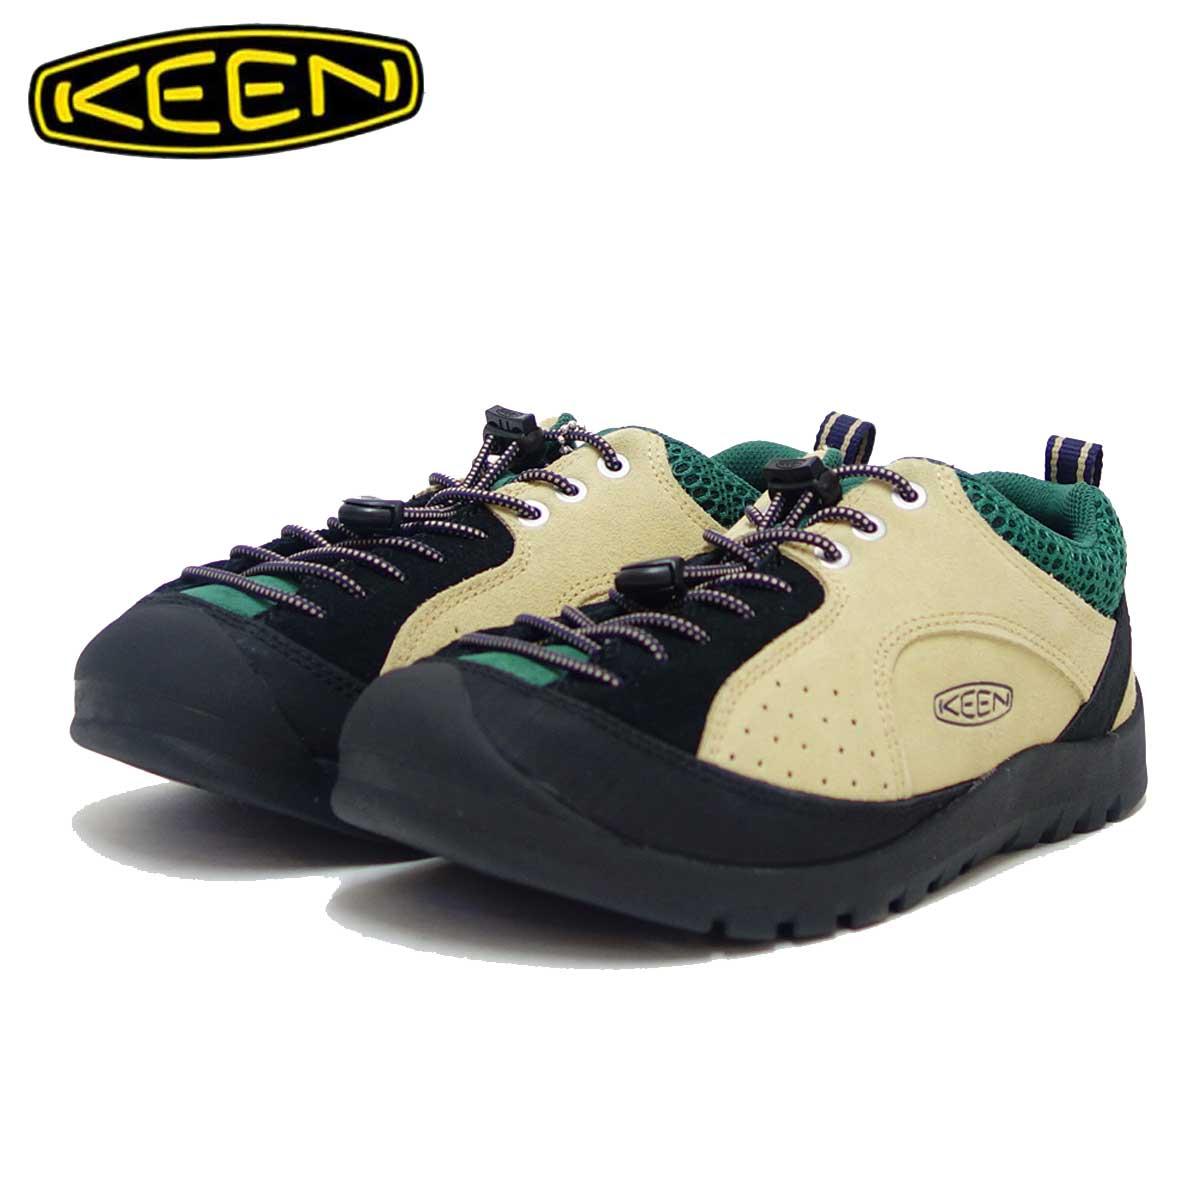 キーン KEEN ジャスパー ロックス エスピー 1019873 Taos Taupe/Evergreen(レディース) JASPER ROCKS SP 「靴」